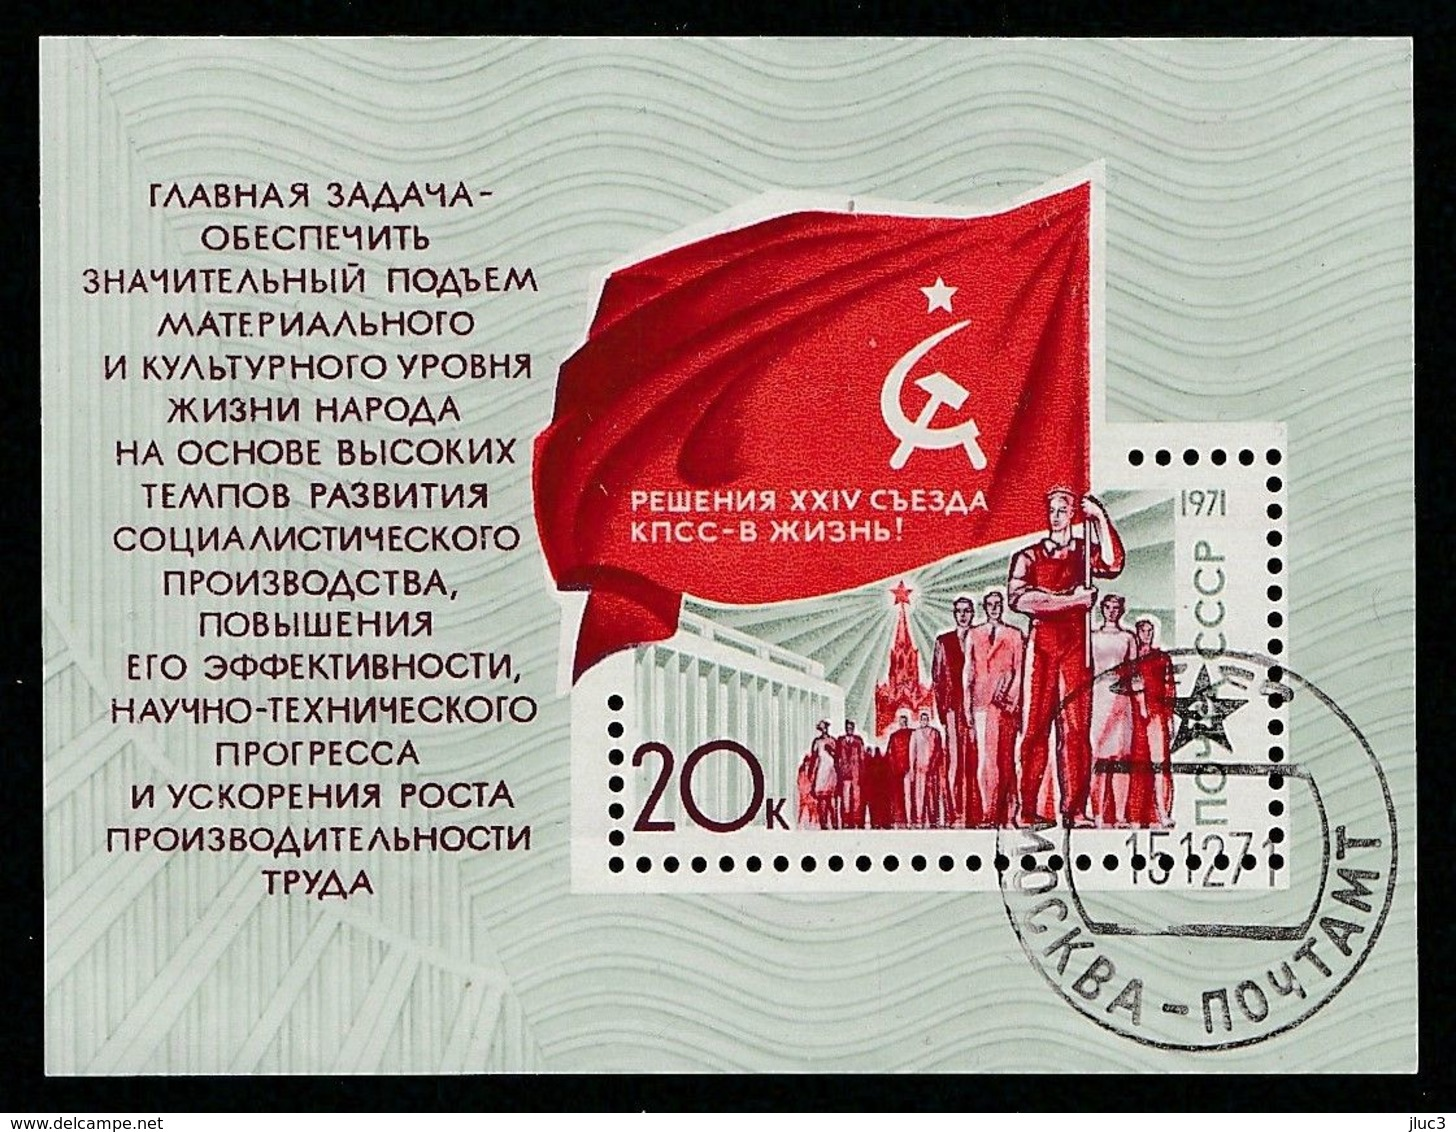 Bo071 - URSS 1971 - Bloc 71 (YT) Avec Empreinte 'PREMIER JOUR' - Décisions Du Congrès PCUS - 1923-1991 URSS